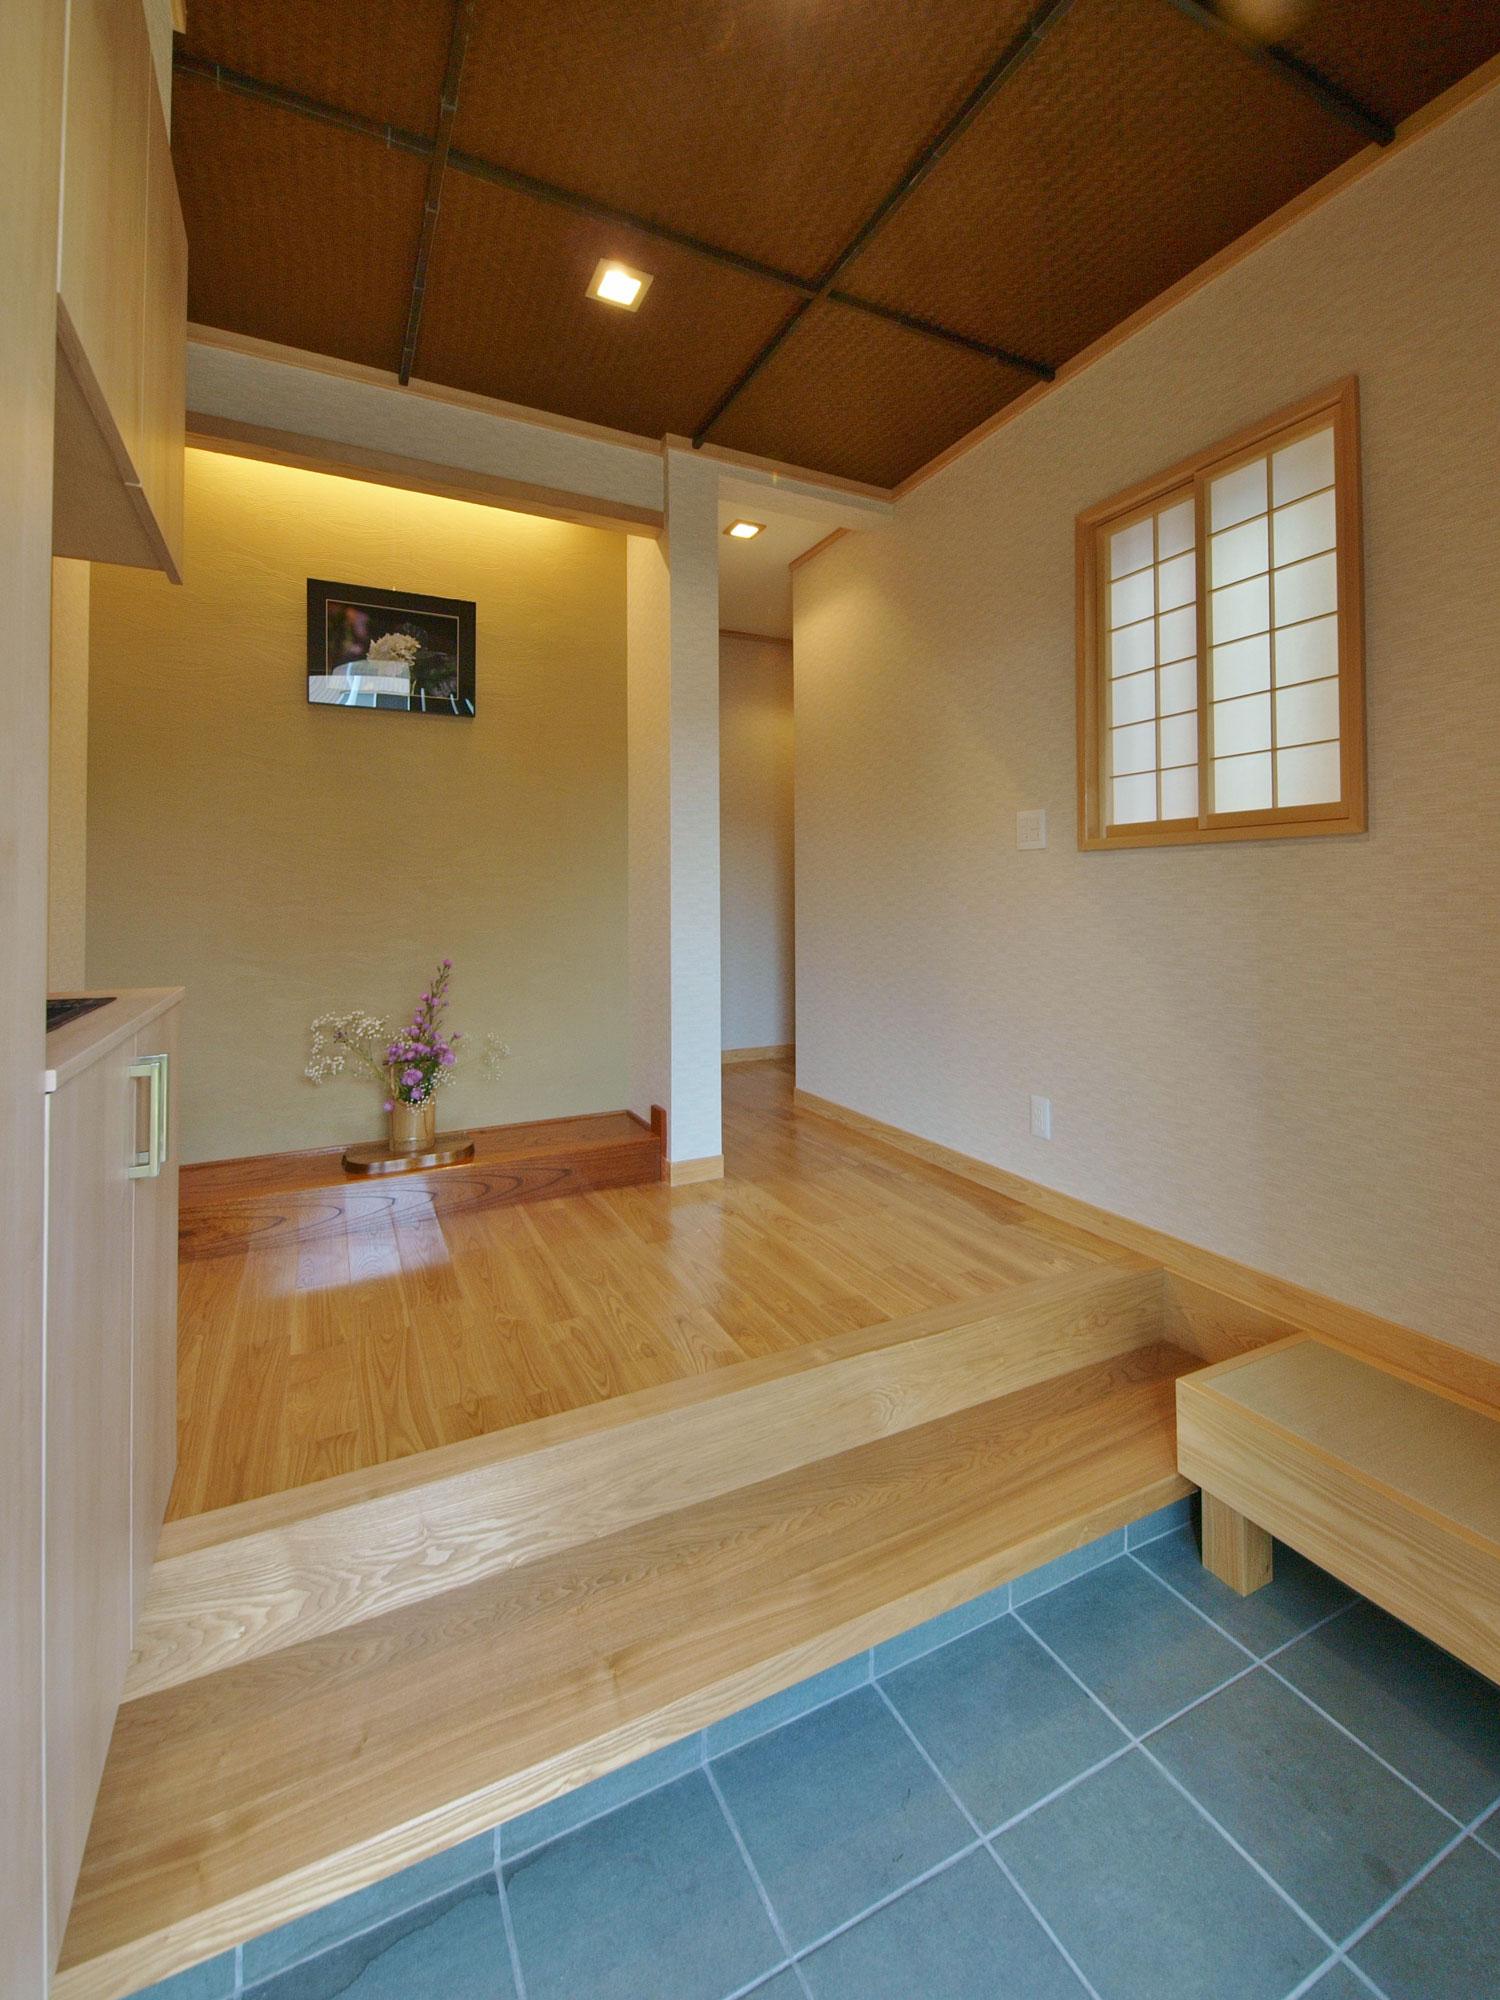 岩田建築【デザイン住宅、趣味、高級住宅】玄関の正面には飾りスペース。式台や内障子などで和風テイストに仕上げた